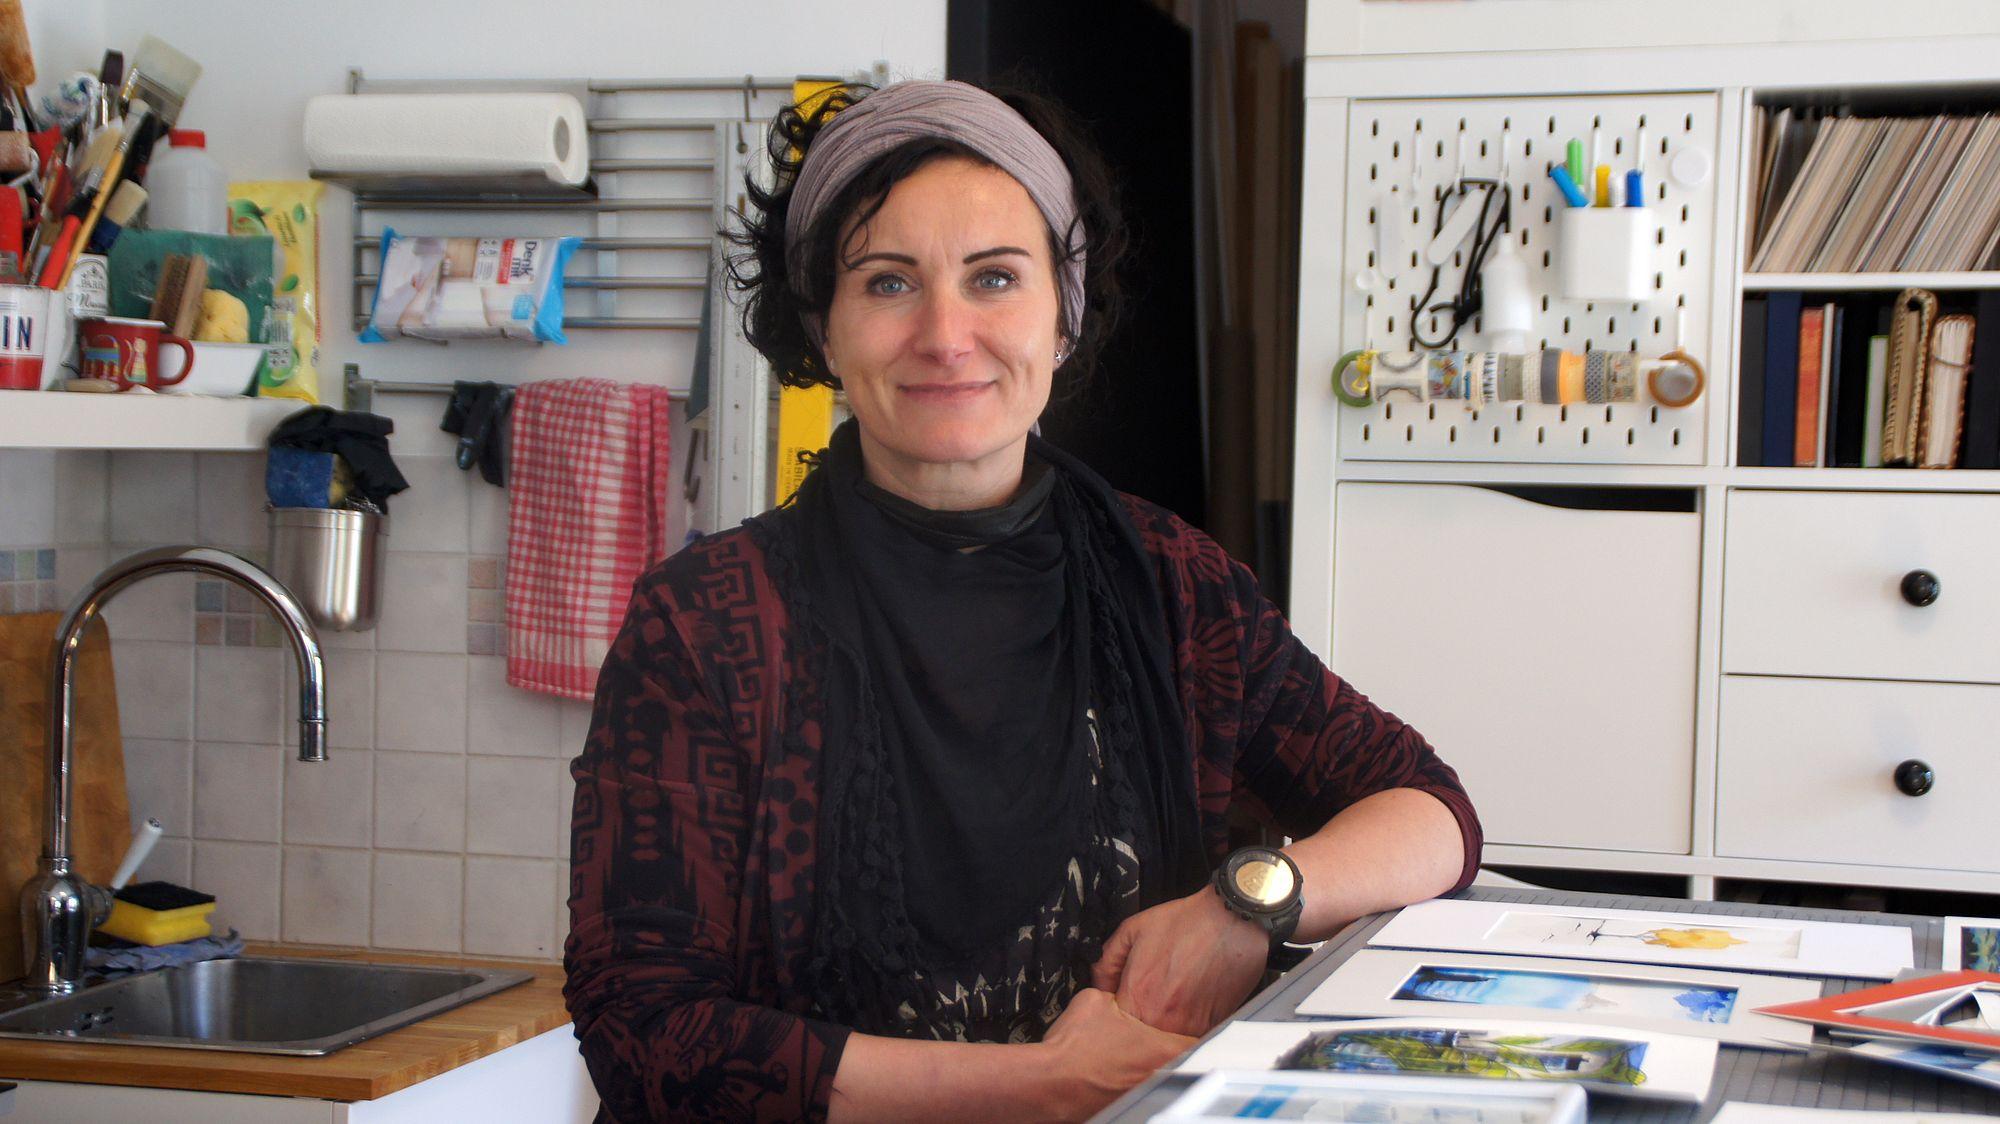 """Manja Seidel: """"Ich will alles ausprobieren. Das Leben ist kurz."""" Foto: Philine"""